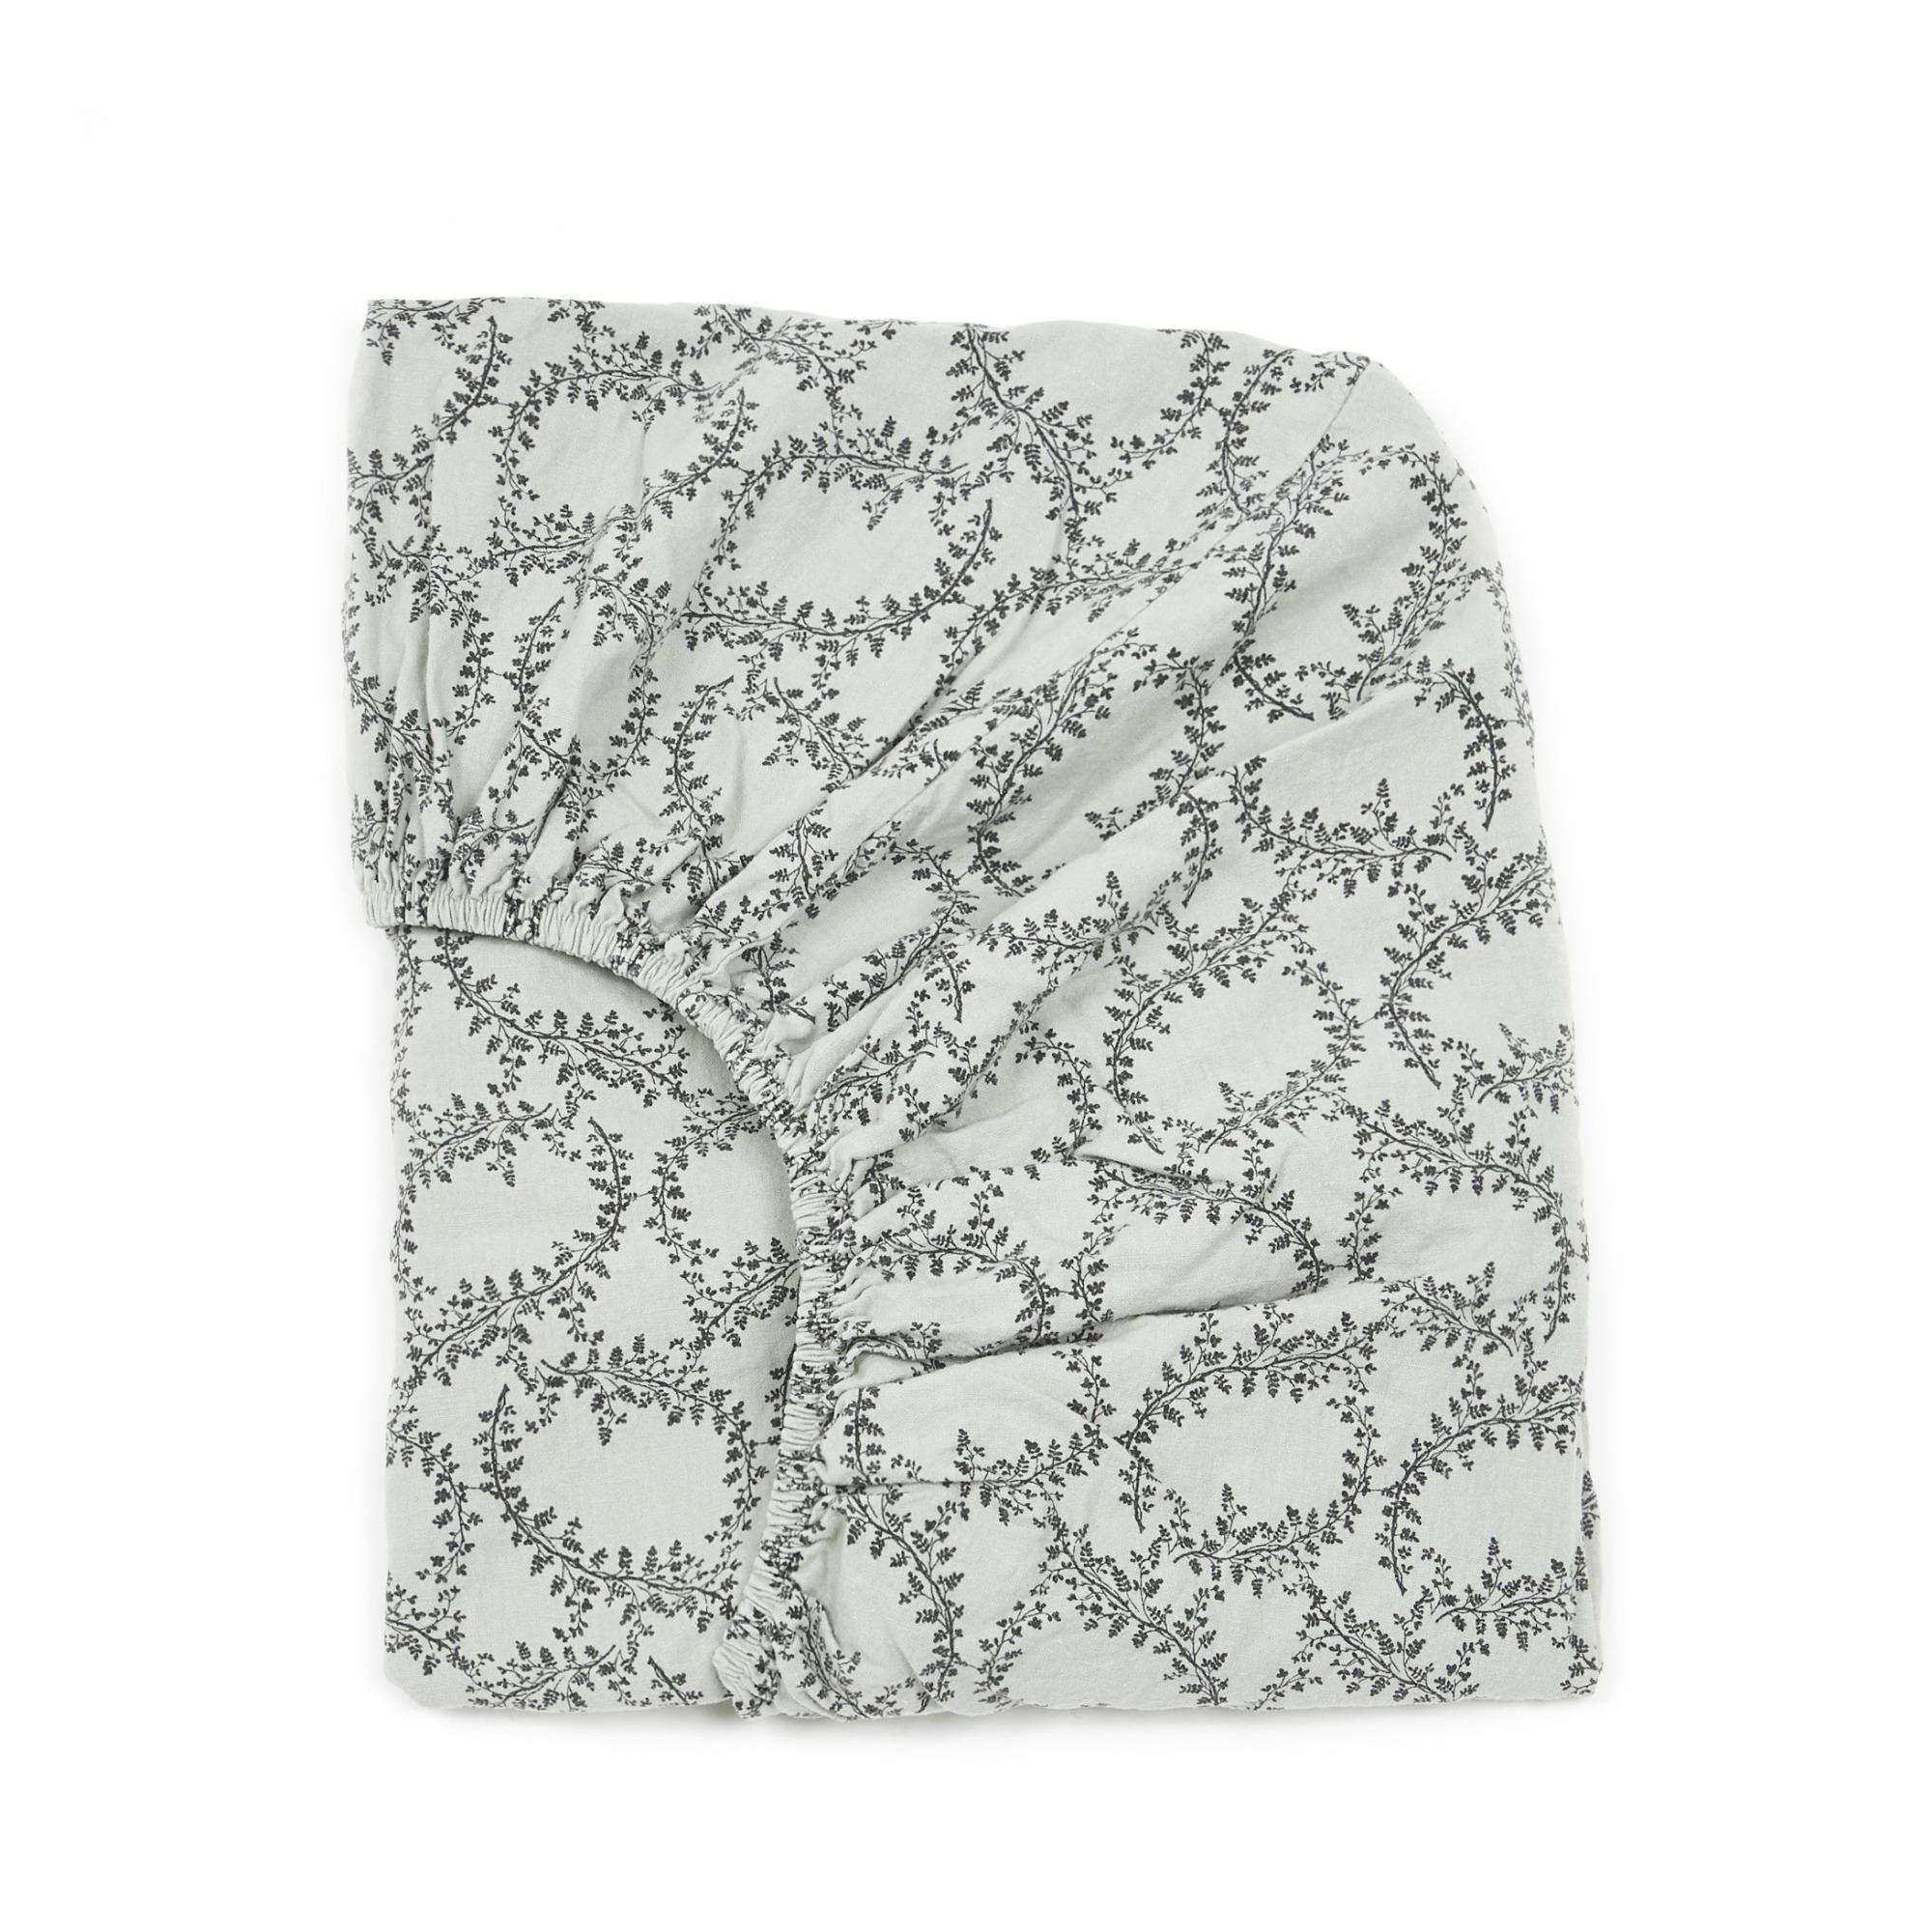 Drap-housse en mousseline de coton